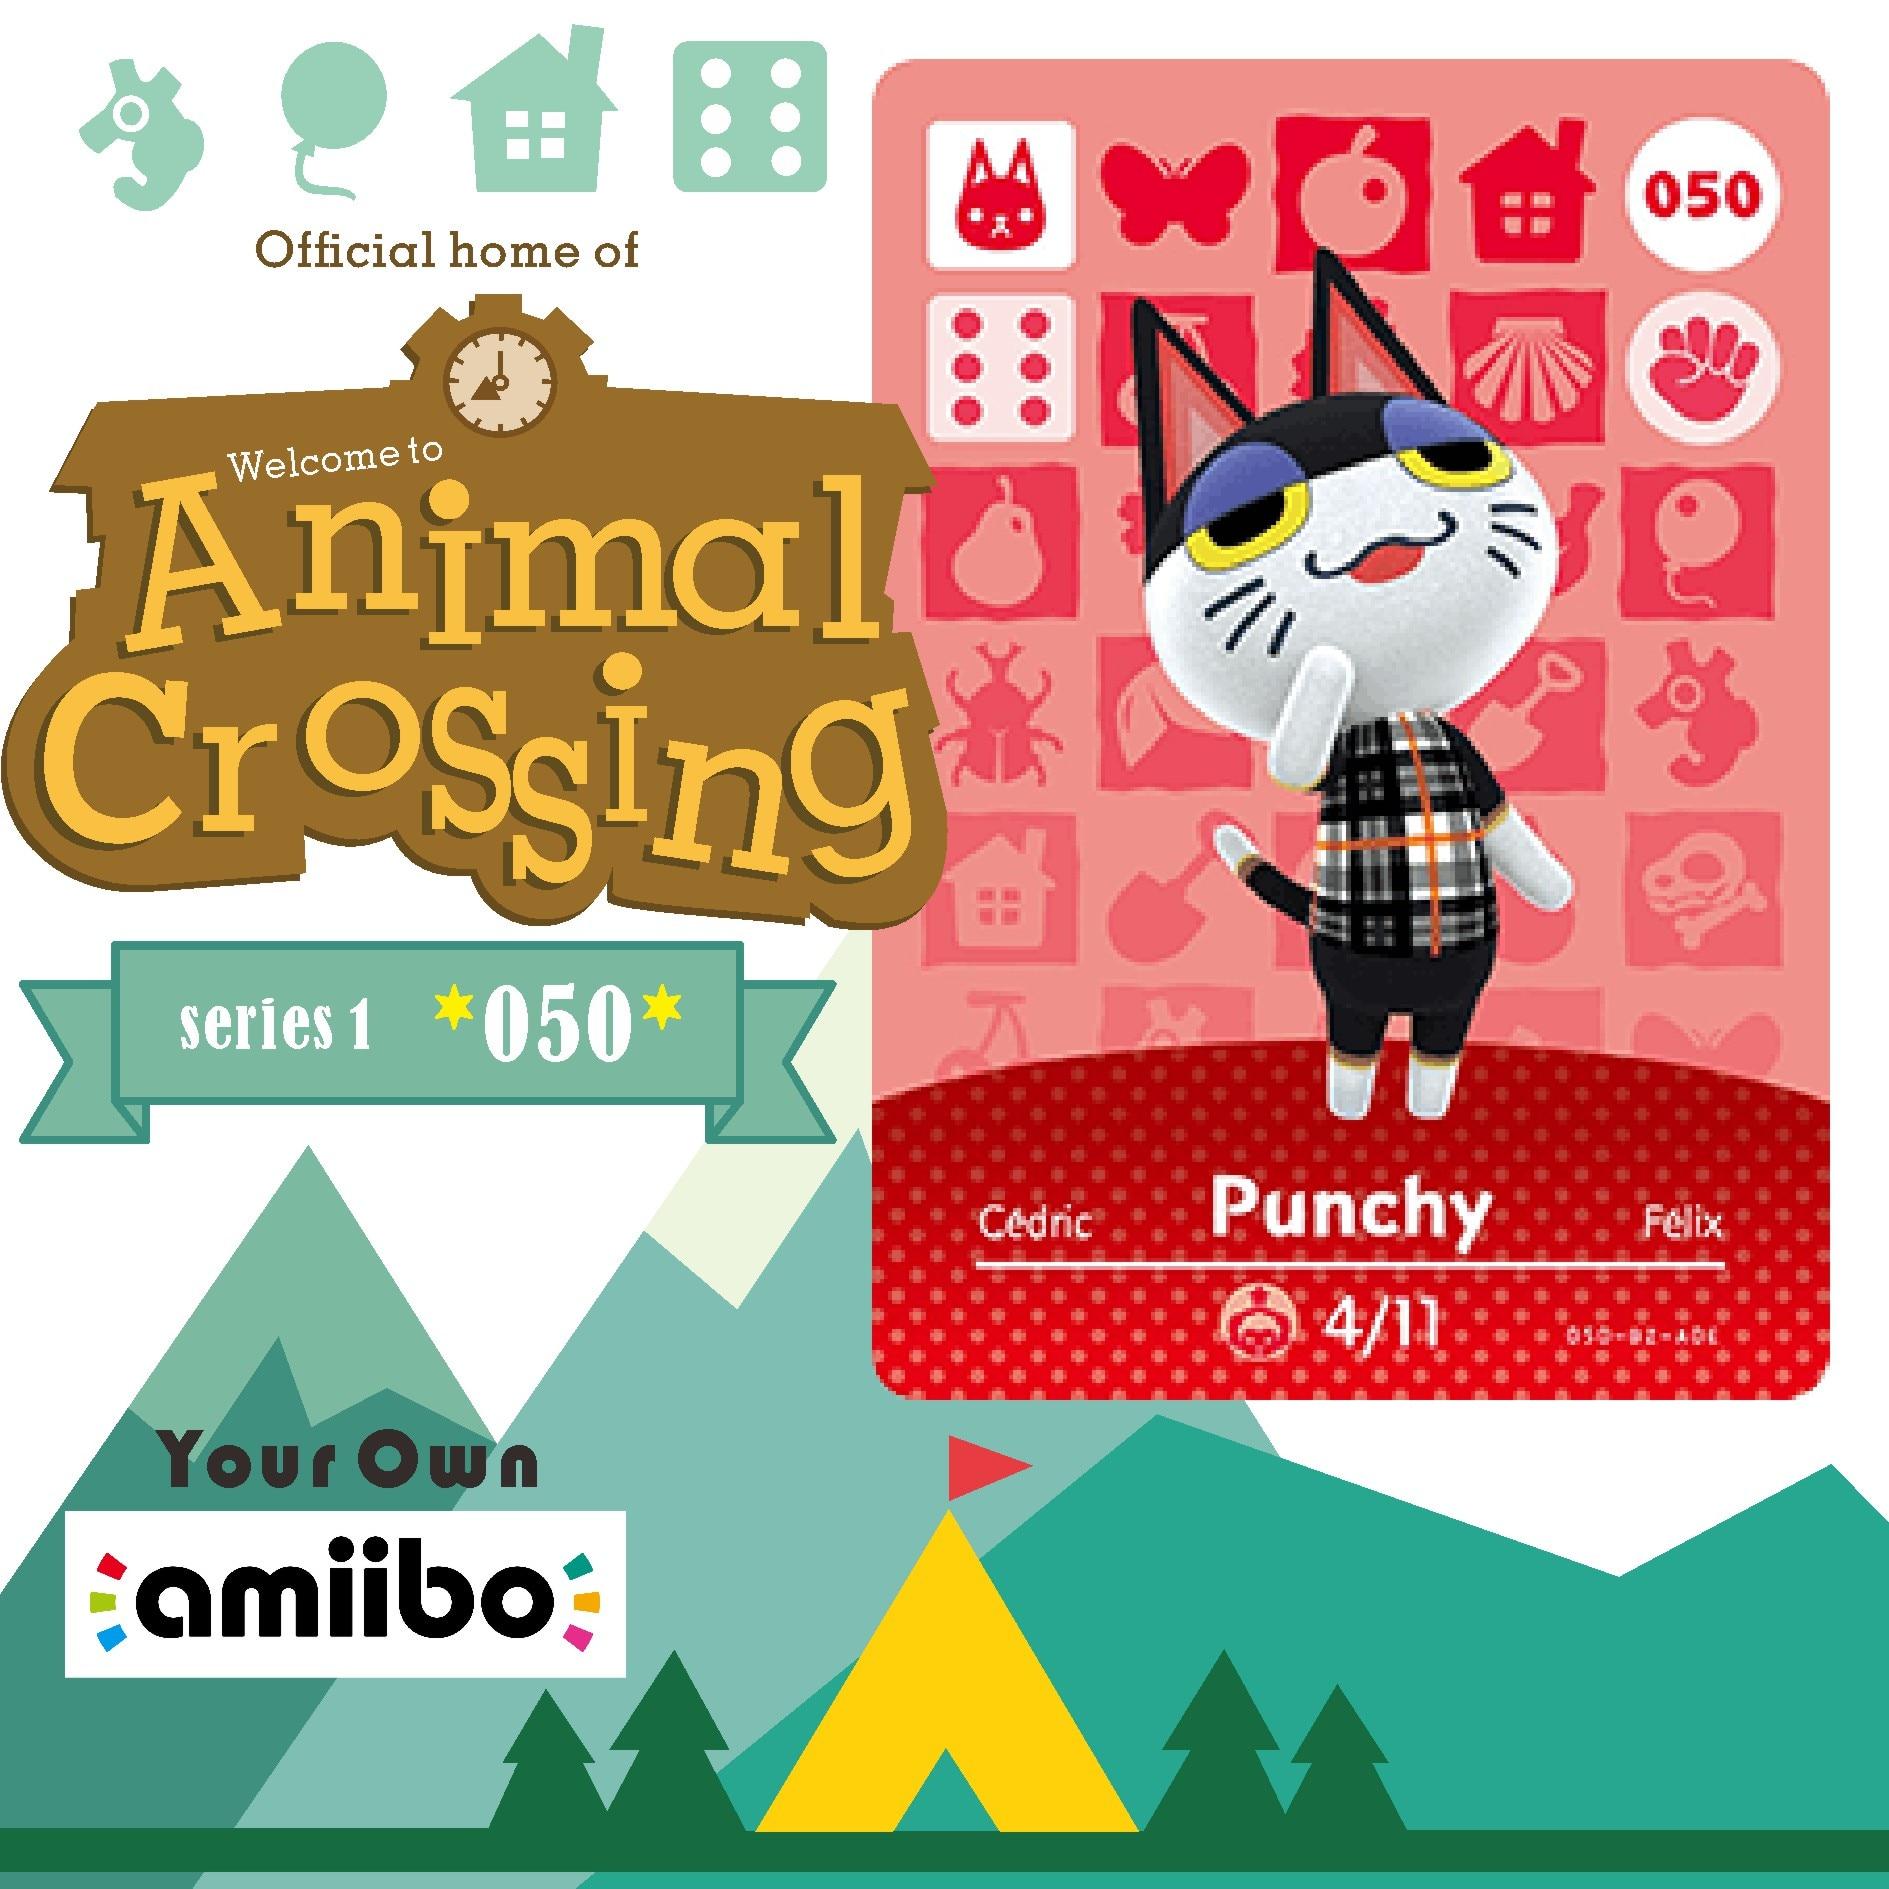 050 Animal Crossing Amiibo Card Punchy Amiibo Card Animal Crossing Series 1 Punchy Nfc Card Work For Ns Games Dropshipping